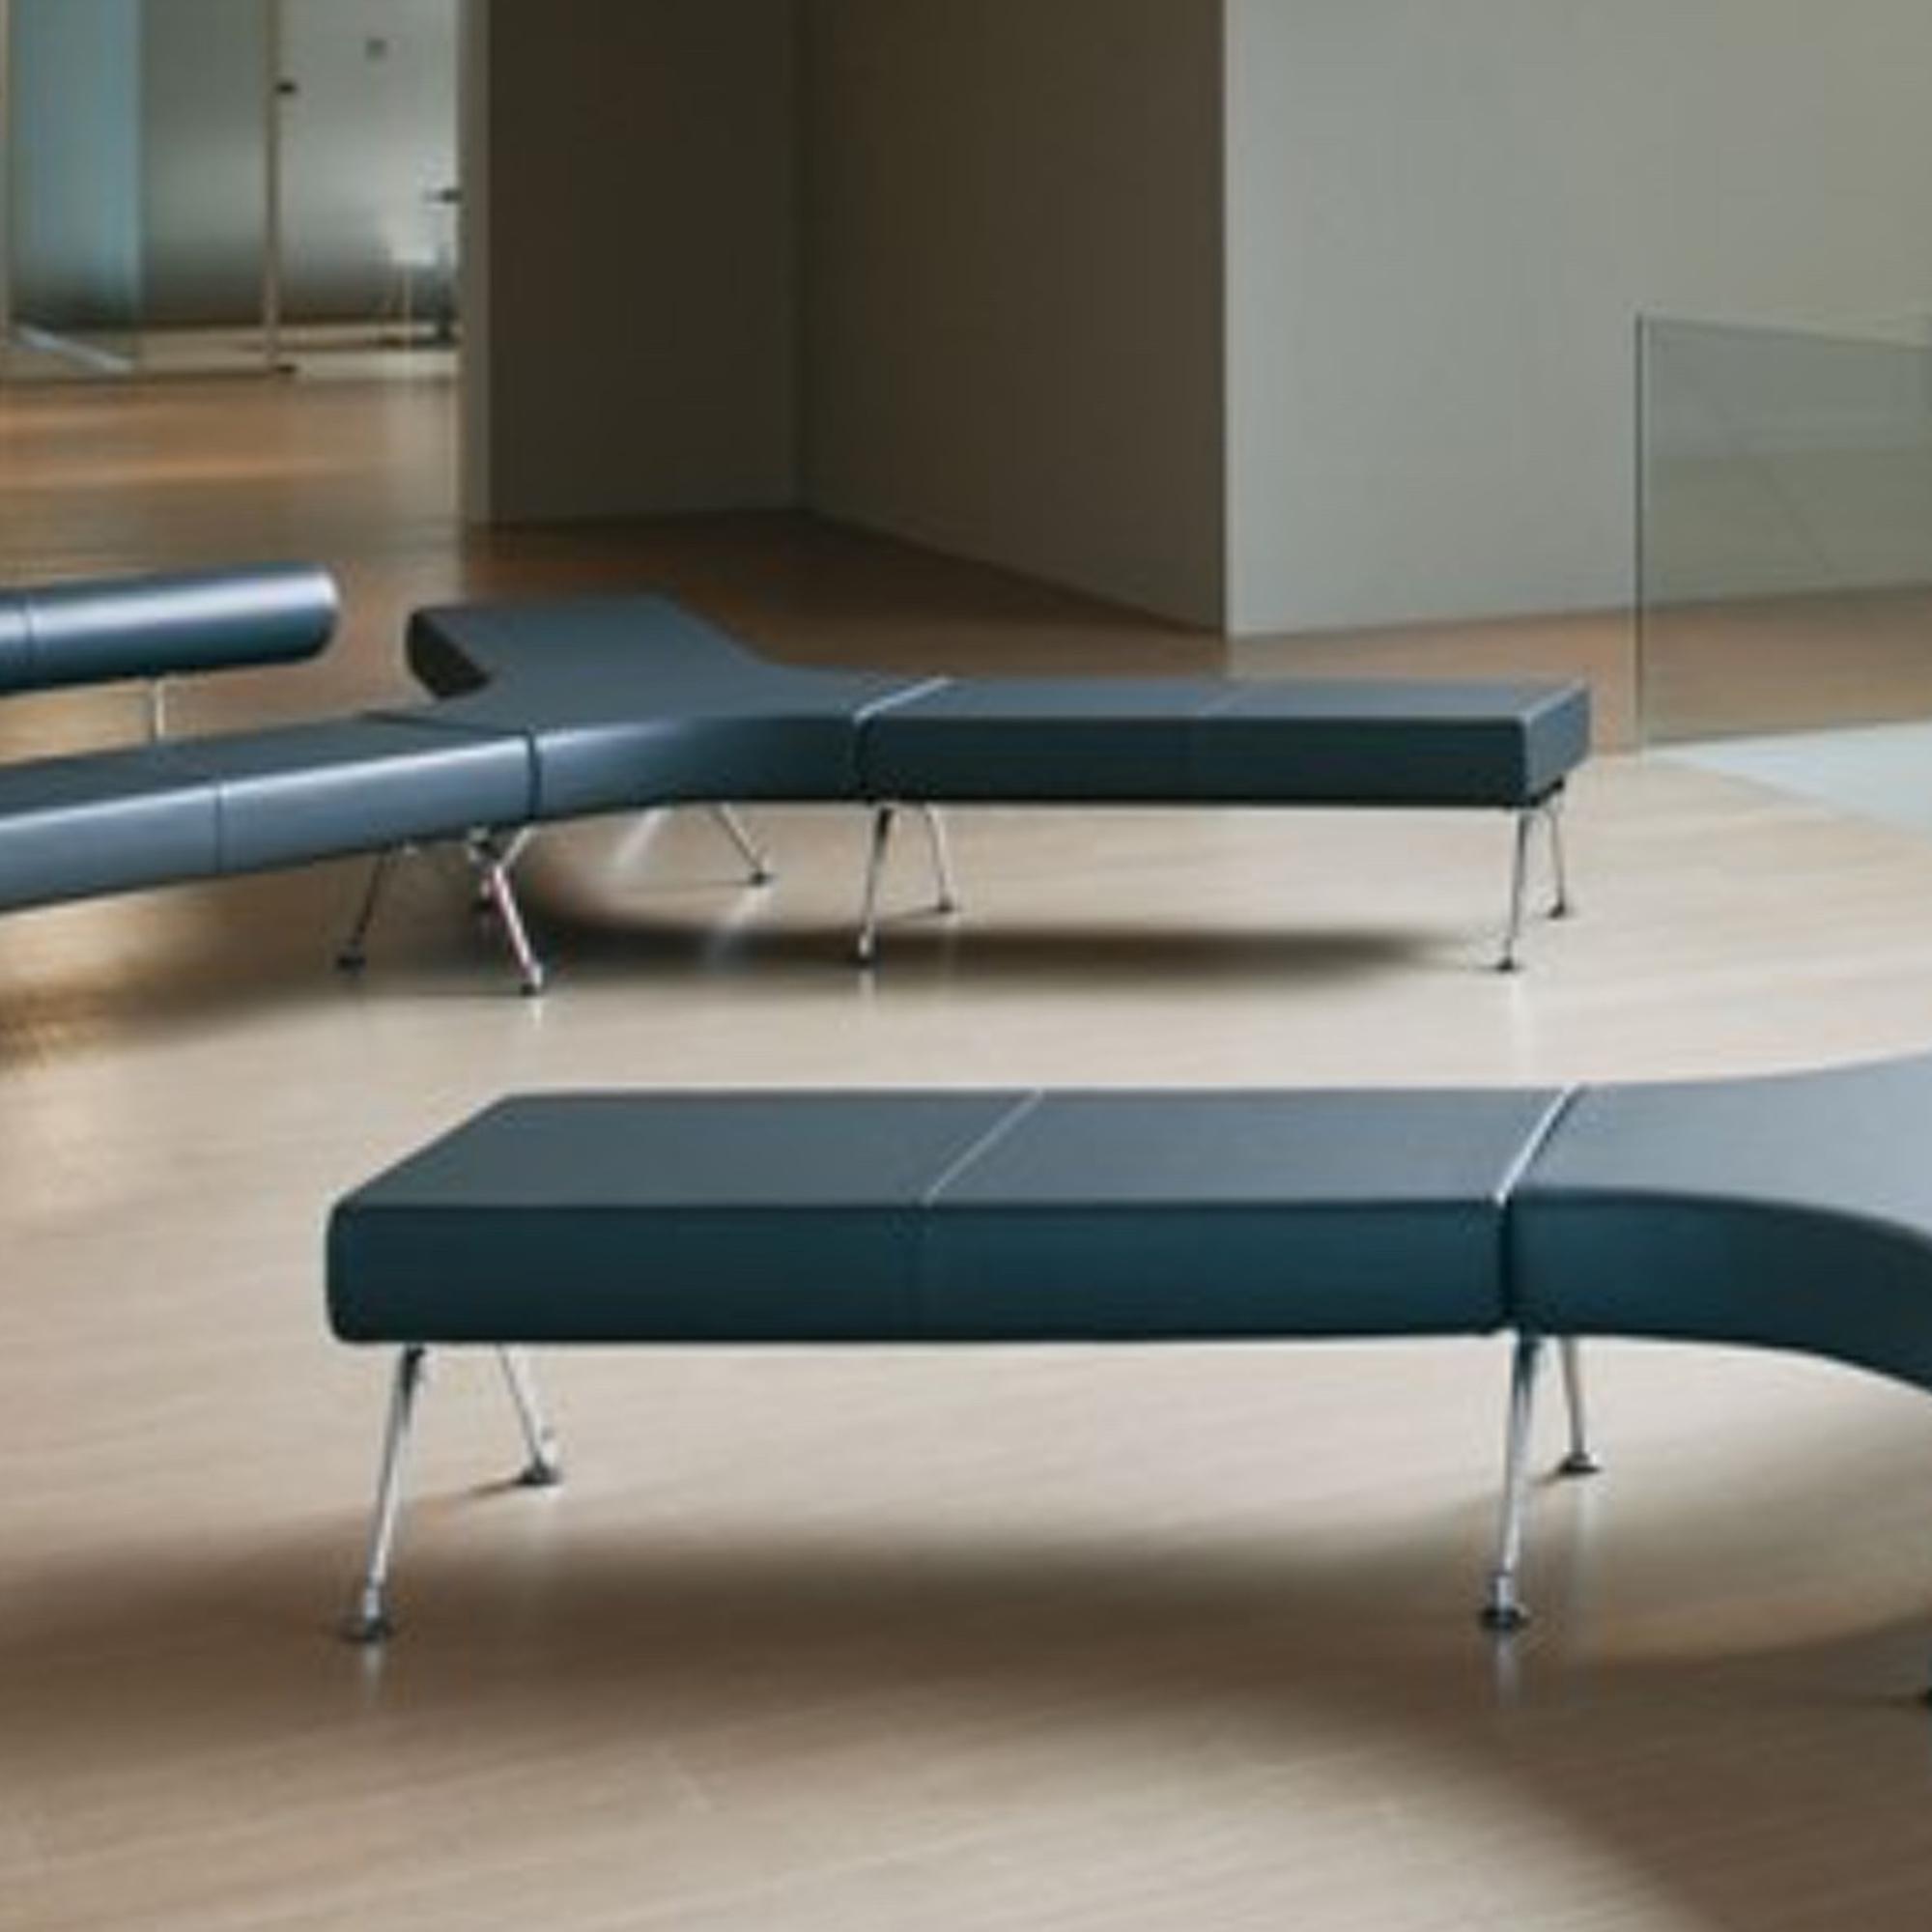 kastel kuros 90 als 2 sitzer sitzbank ohne r ckenlehne sofas lounge empfangsm bel alle. Black Bedroom Furniture Sets. Home Design Ideas